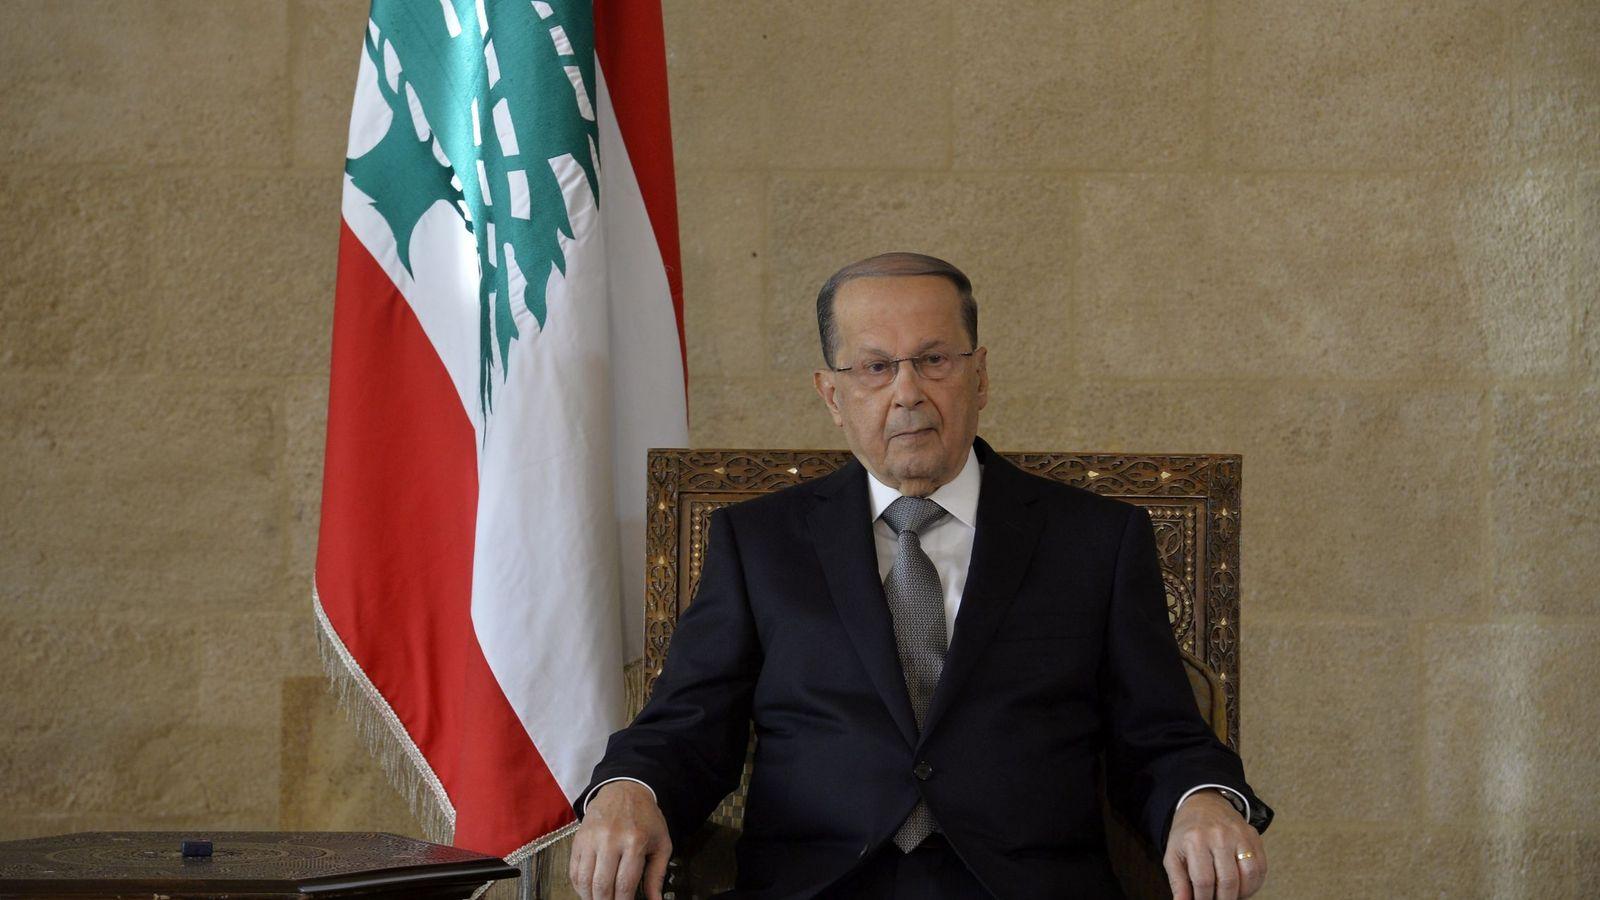 Foto: Fotografía oficial de Michel Aoun como nuevo presidente del Líbano (EFE)